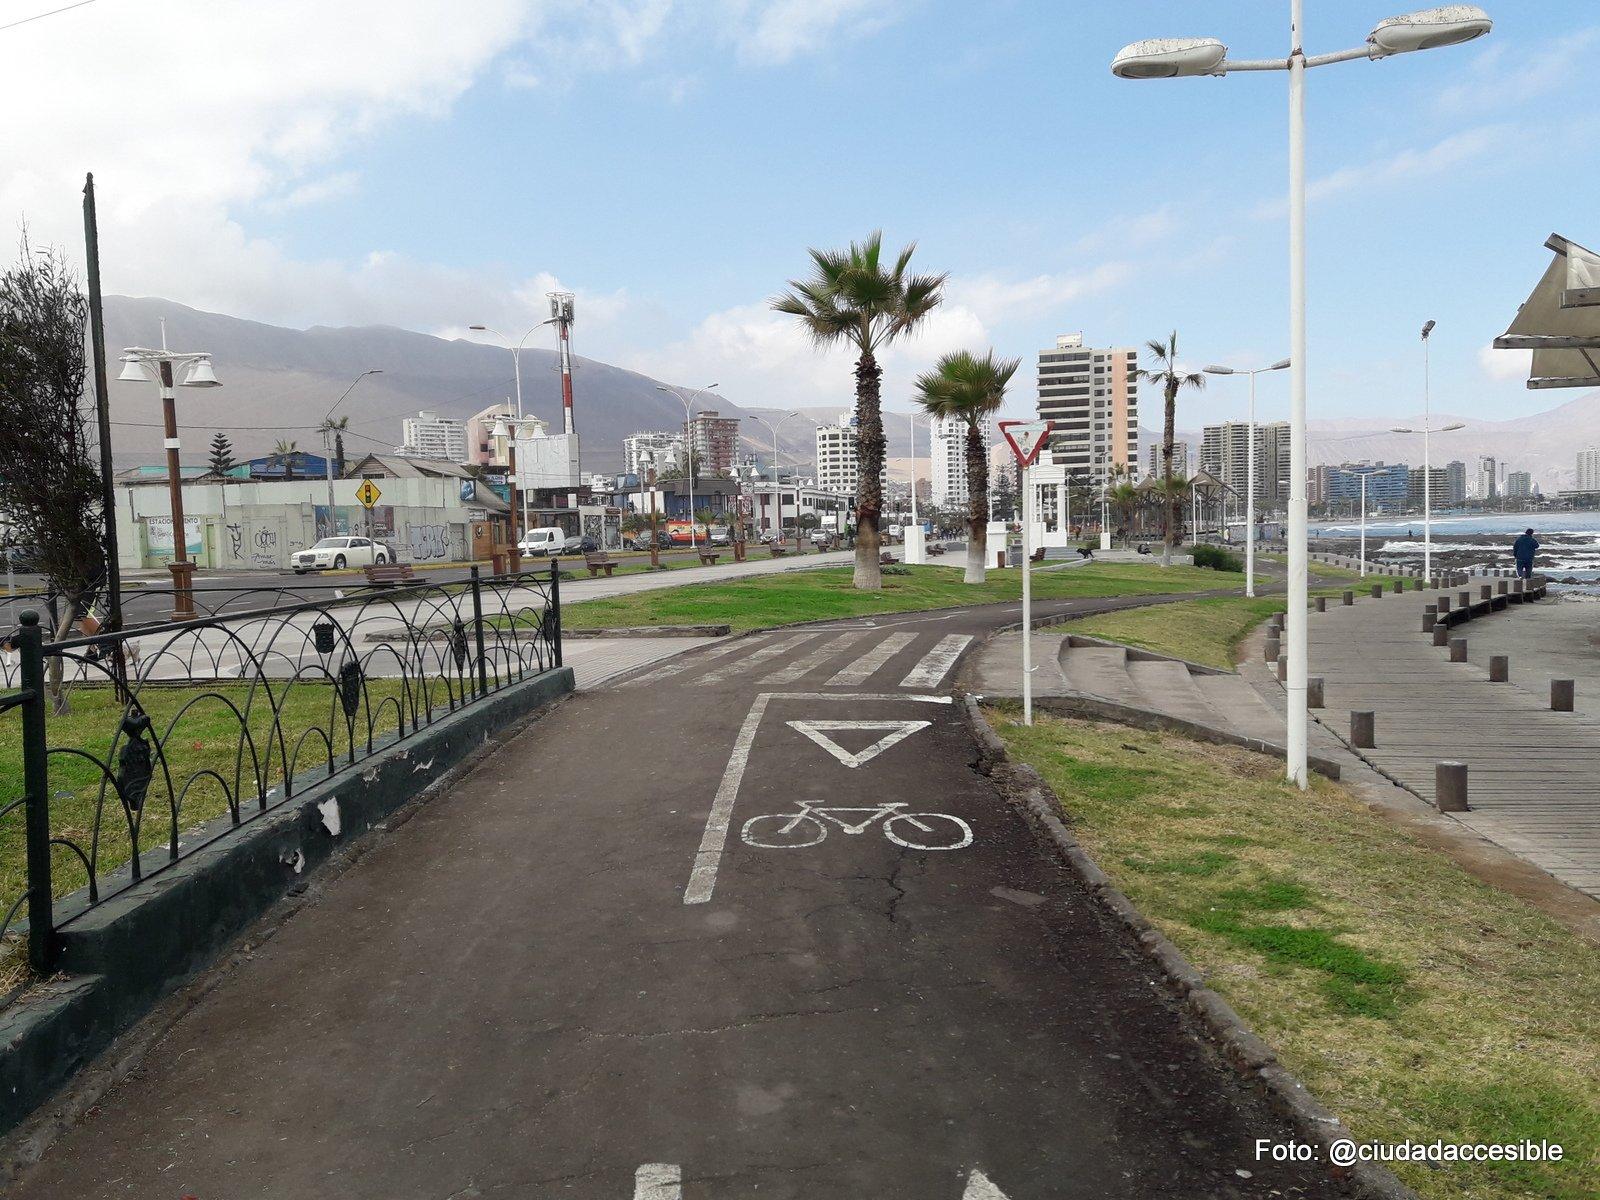 ruta peatonal que cruza la ciclovía demarcada para llegar a peldaños como acceso a la playa